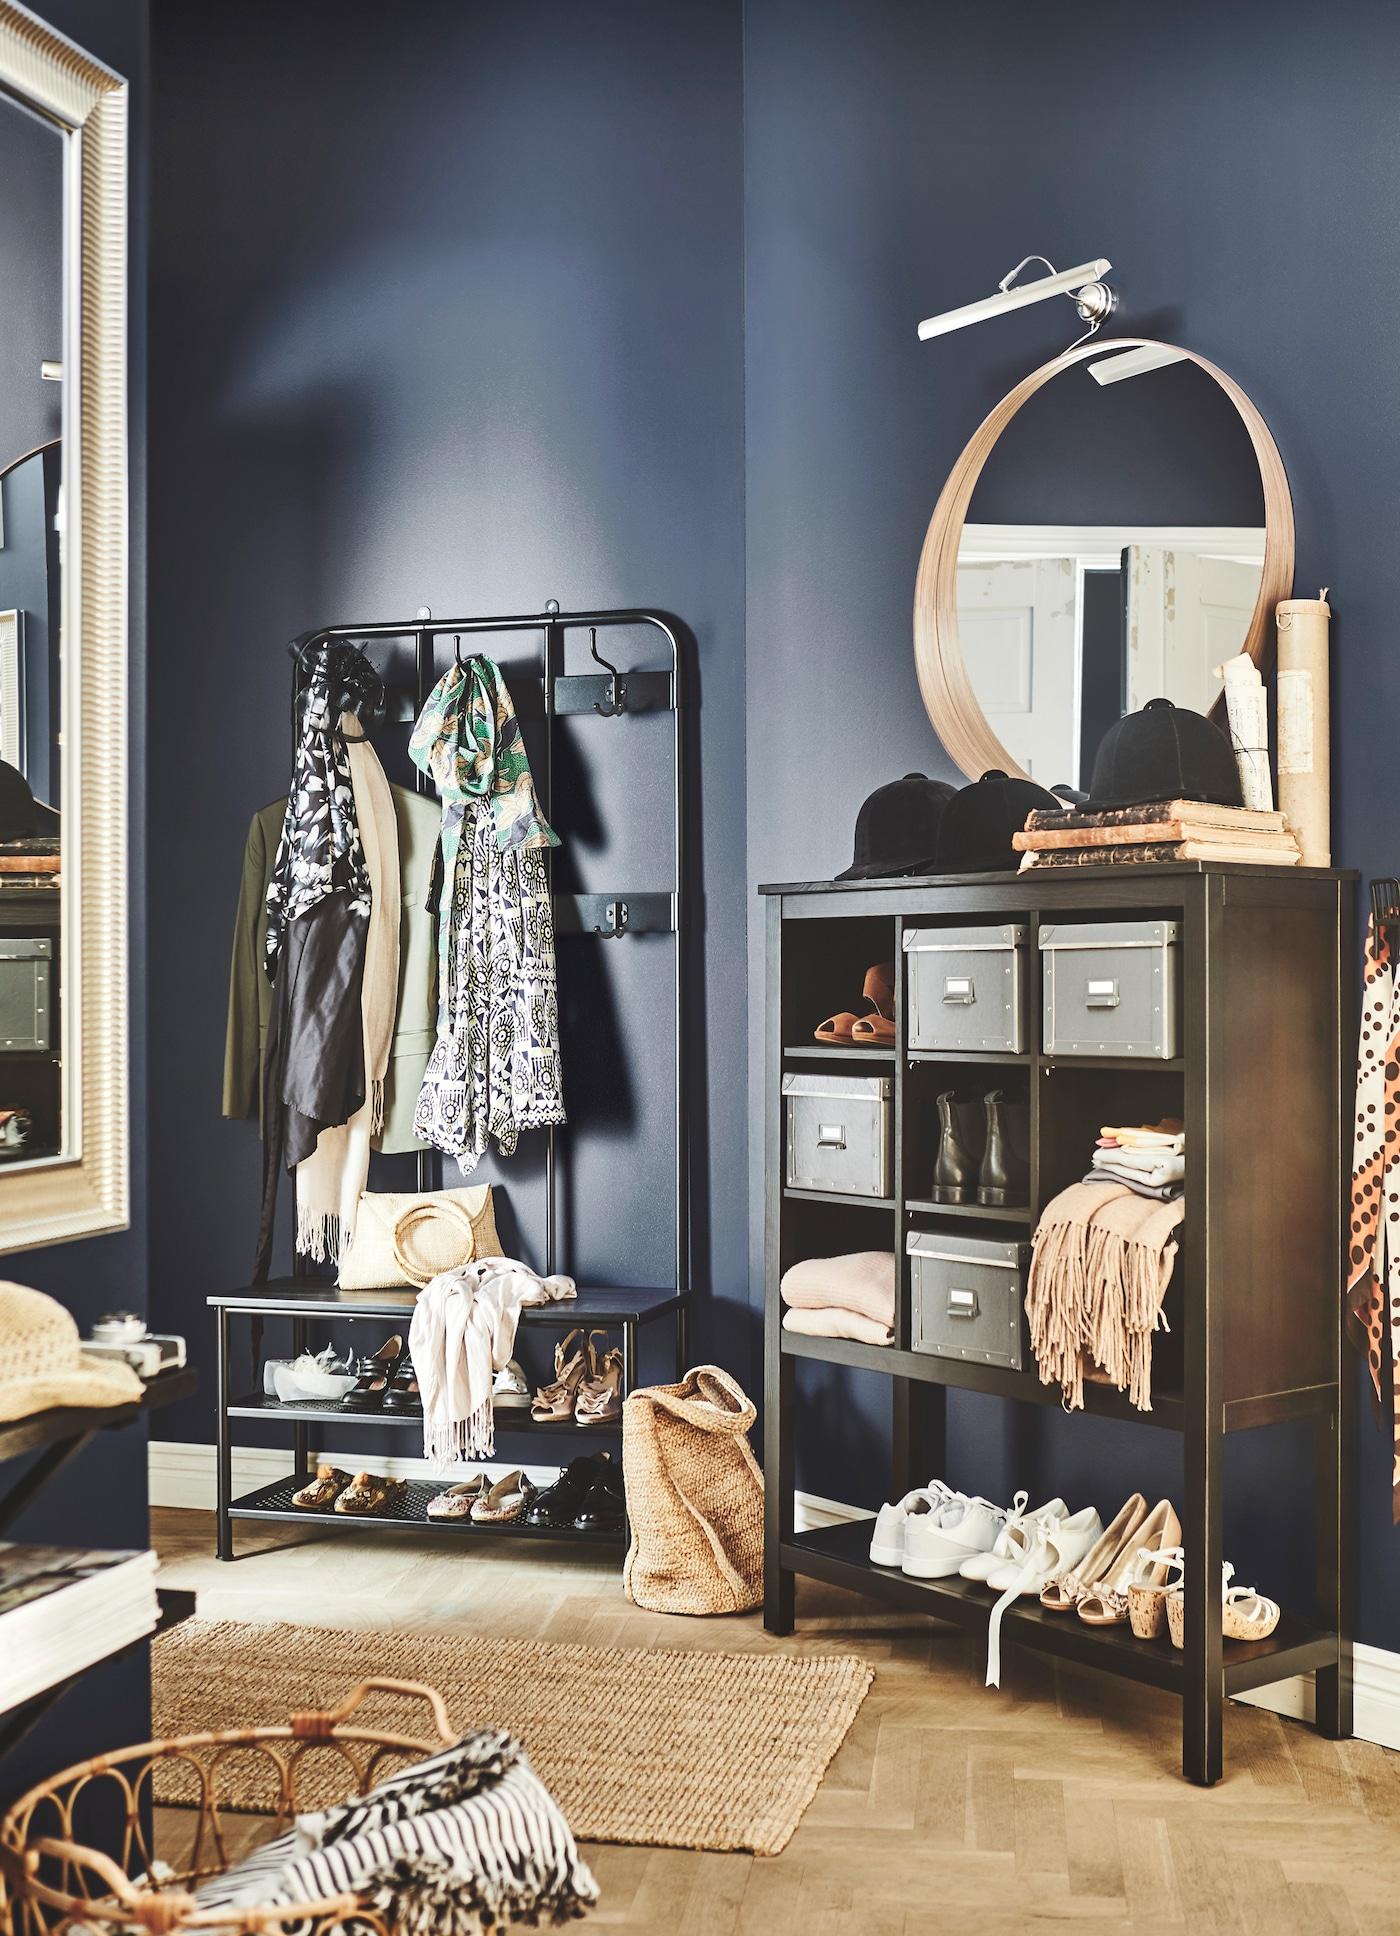 用宜家 HEMNES 汉尼斯 储物单元和 PINNIG 佩尼格 衣帽架来整理你的门厅。这两款产品拥有一体式长凳和鞋履收纳搁板,可以将你的杂物与鞋履归置整齐。